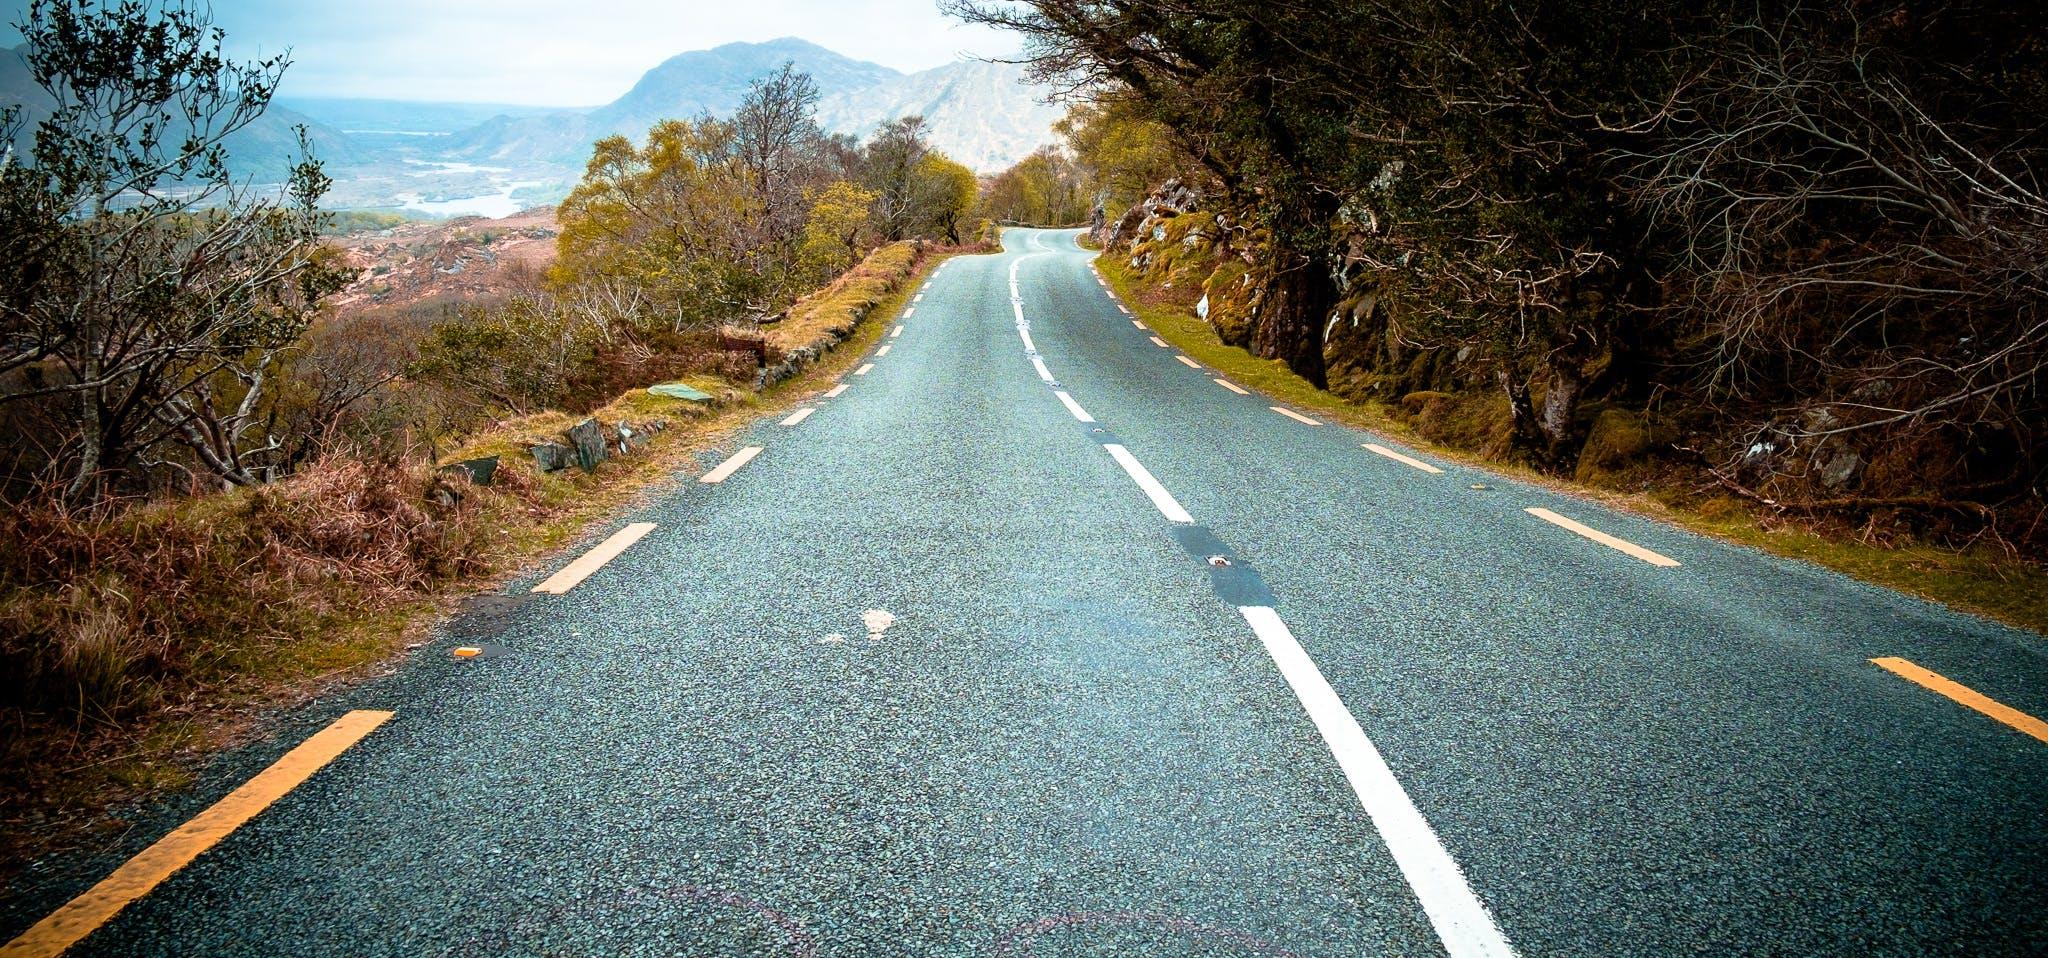 Gratis stockfoto met asfalt, begeleiding, bomen, curve